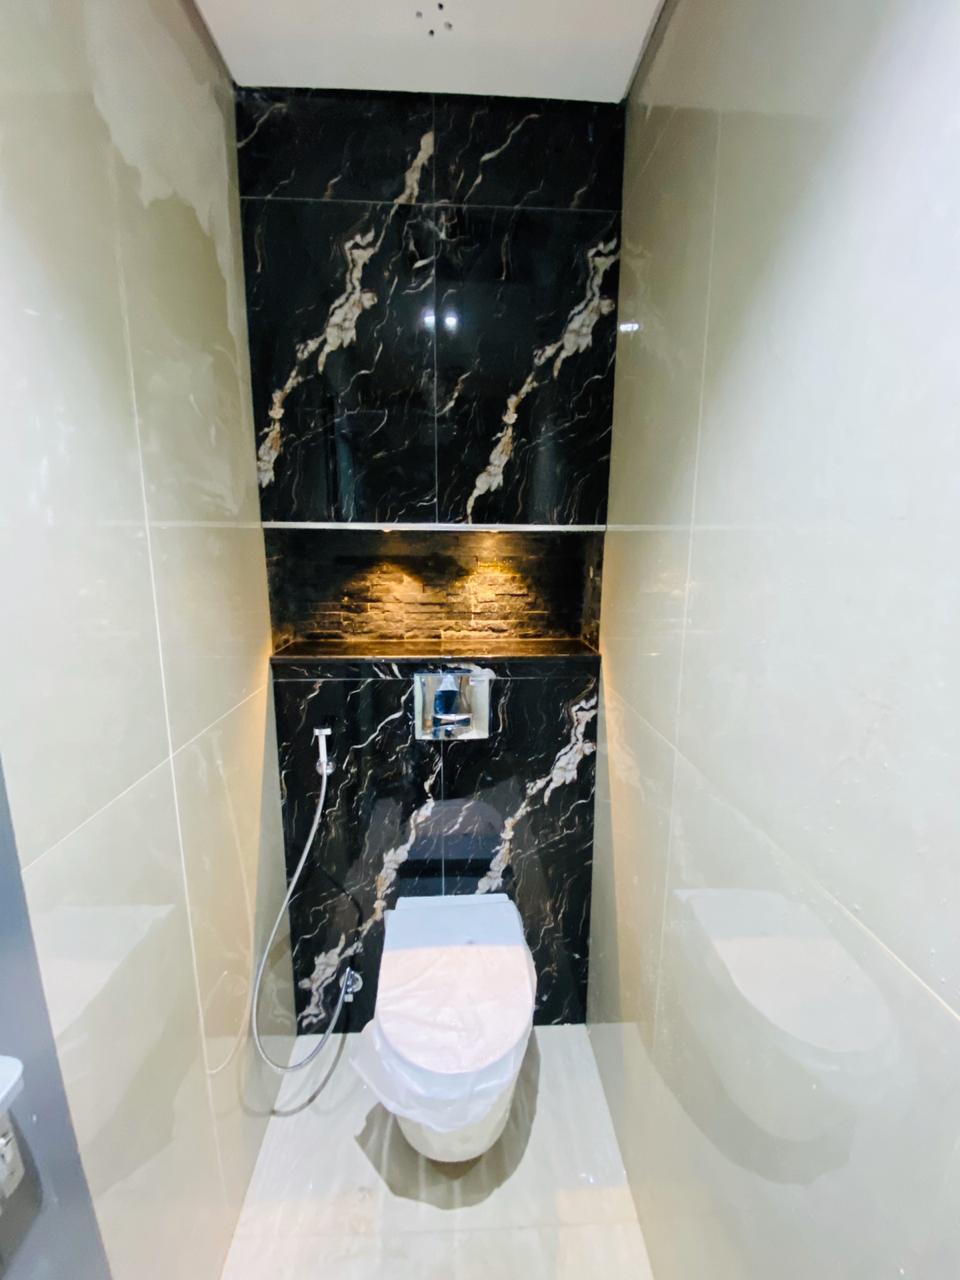 تجديد حمام بحوض وخزان مخفي في الحائط مع اضاءة مخفية